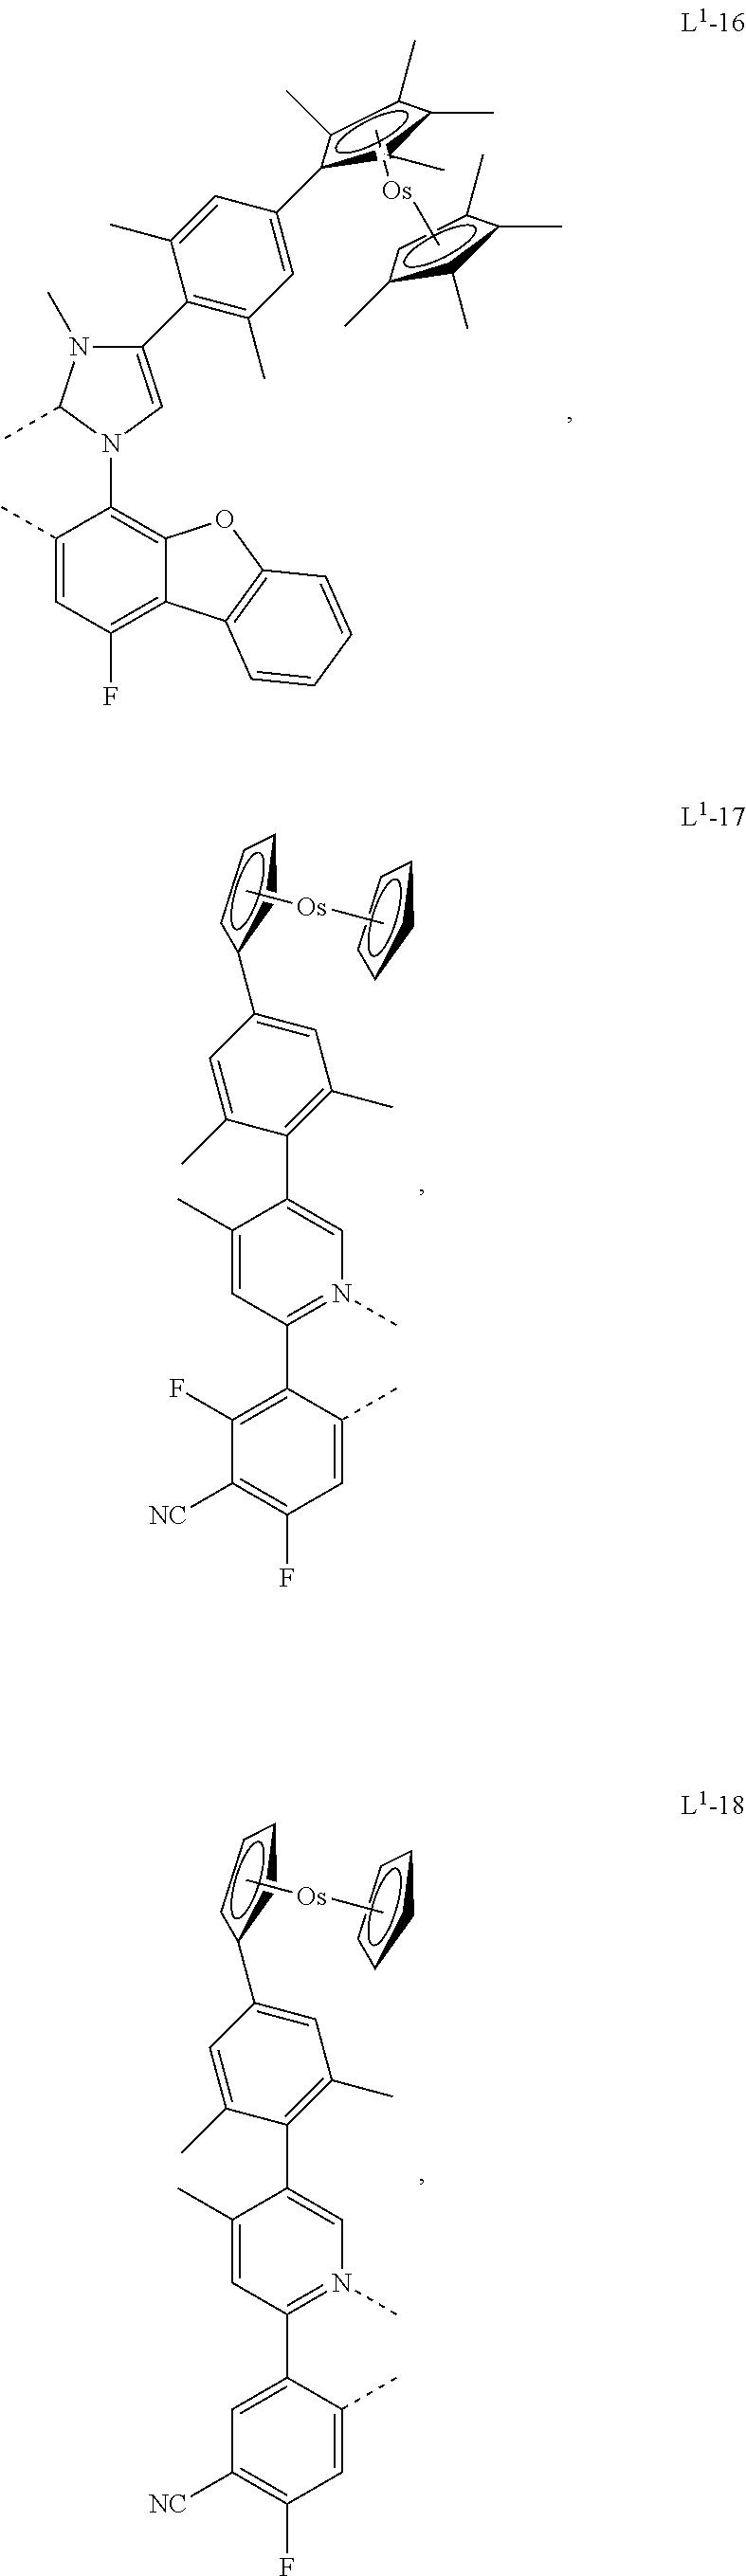 Figure US09680113-20170613-C00016